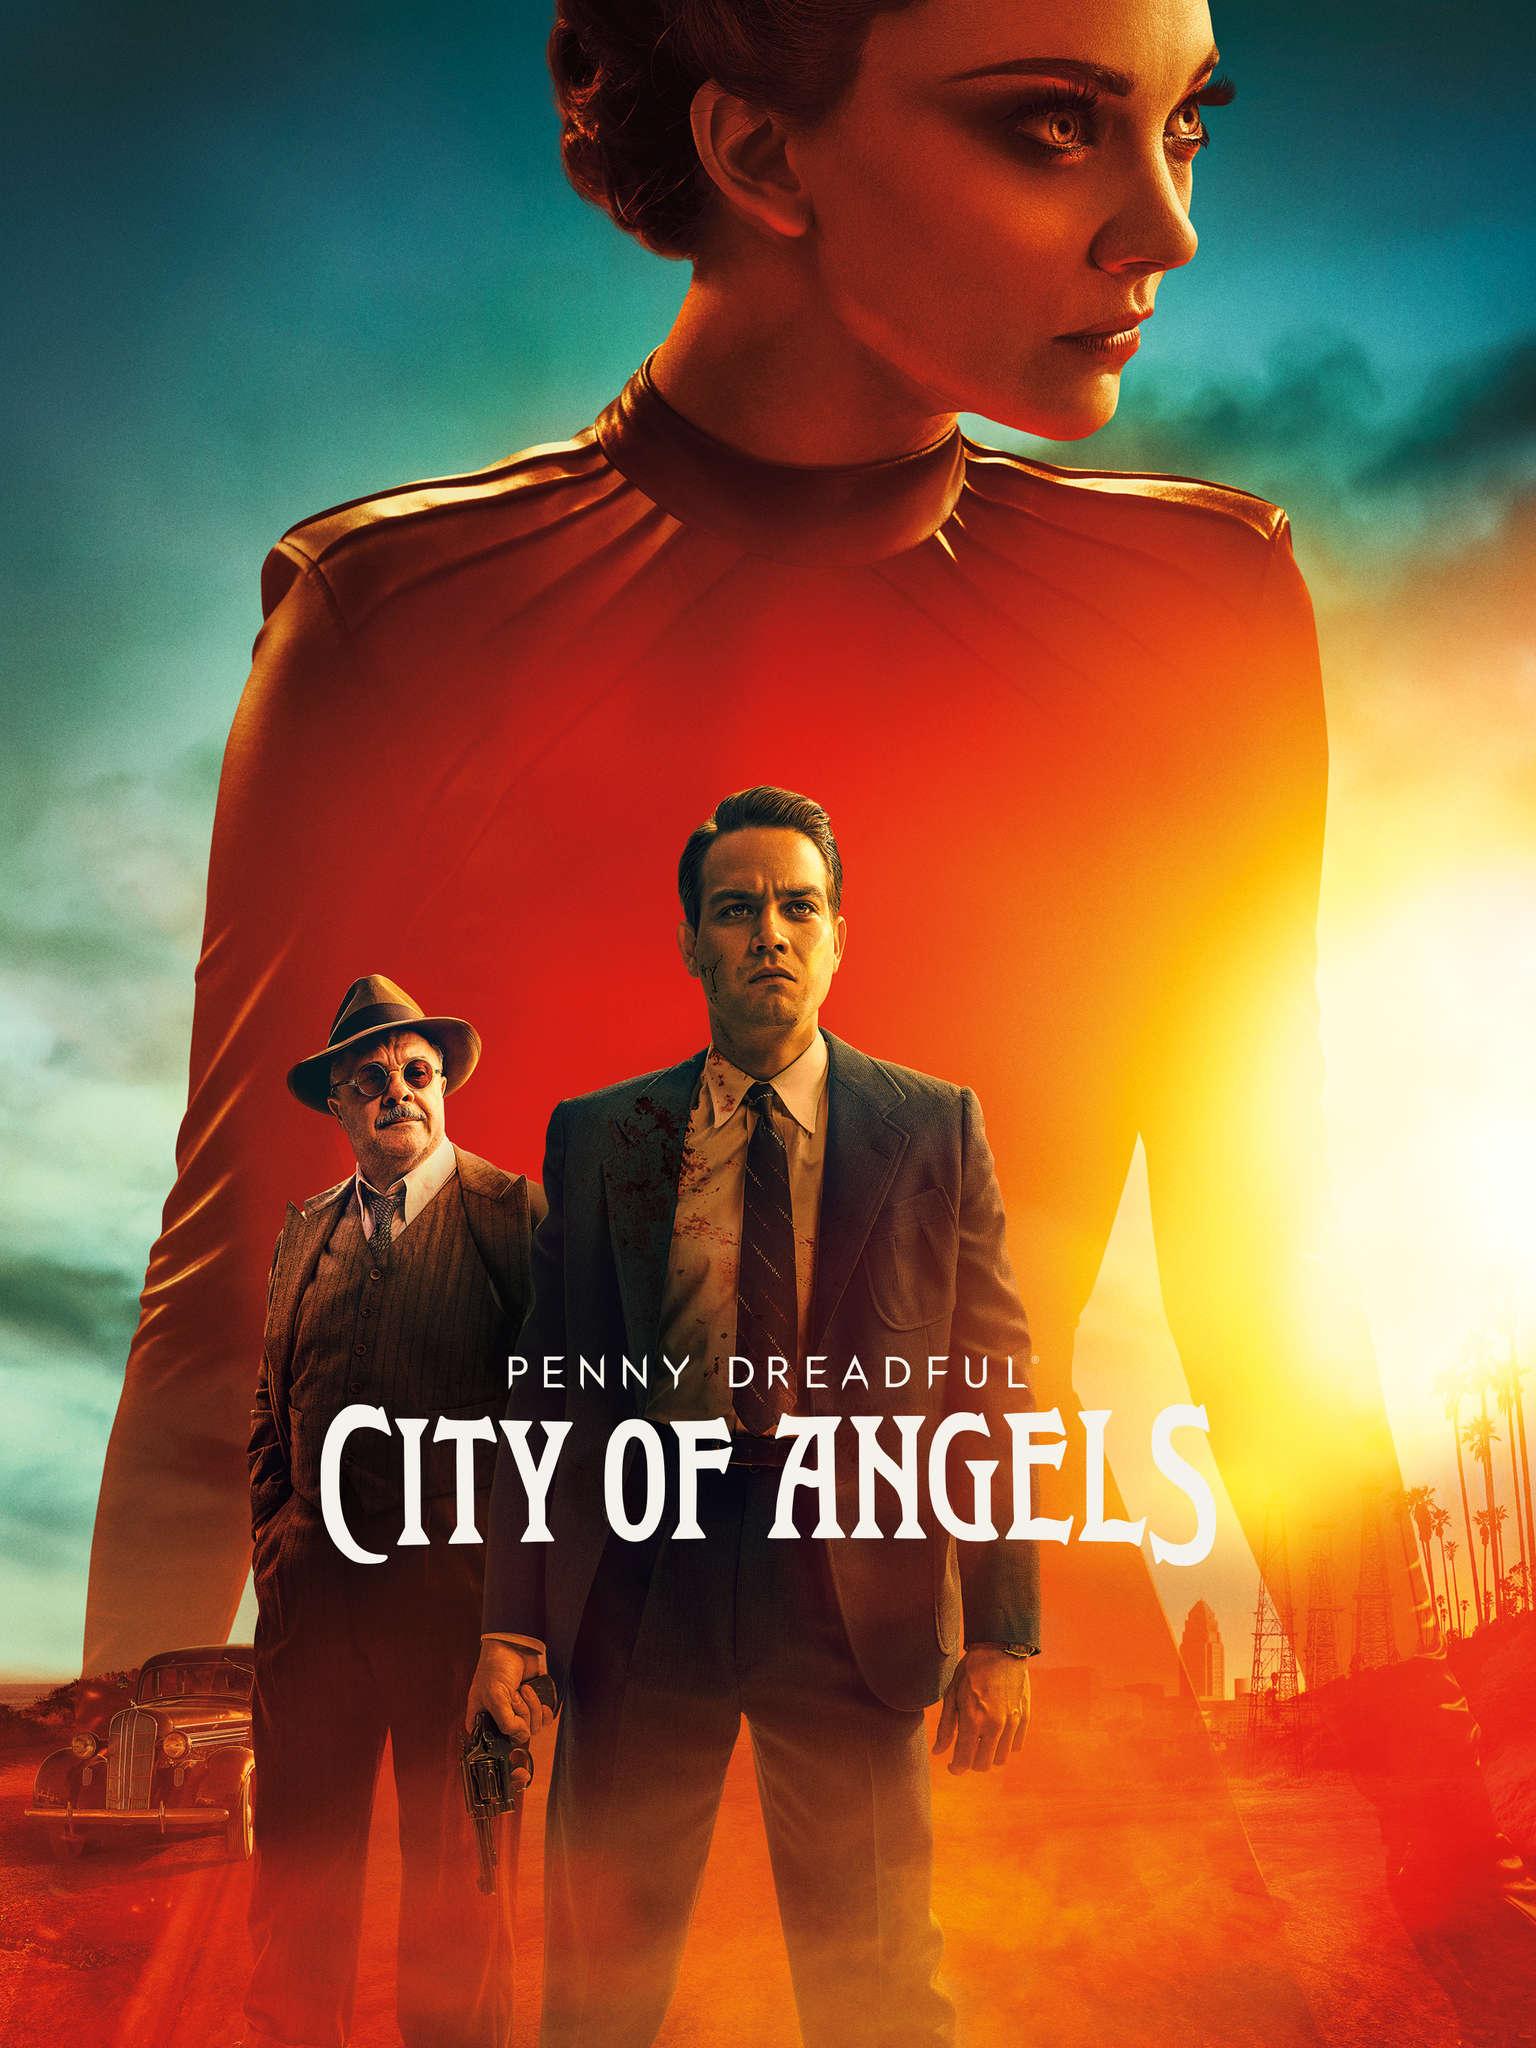 PIGIOS SIAUBO ISTORIJOS. ANGELŲ MIESTAS (1 SEZONAS) / PENNY DREADFUL: CITY OF ANGELS